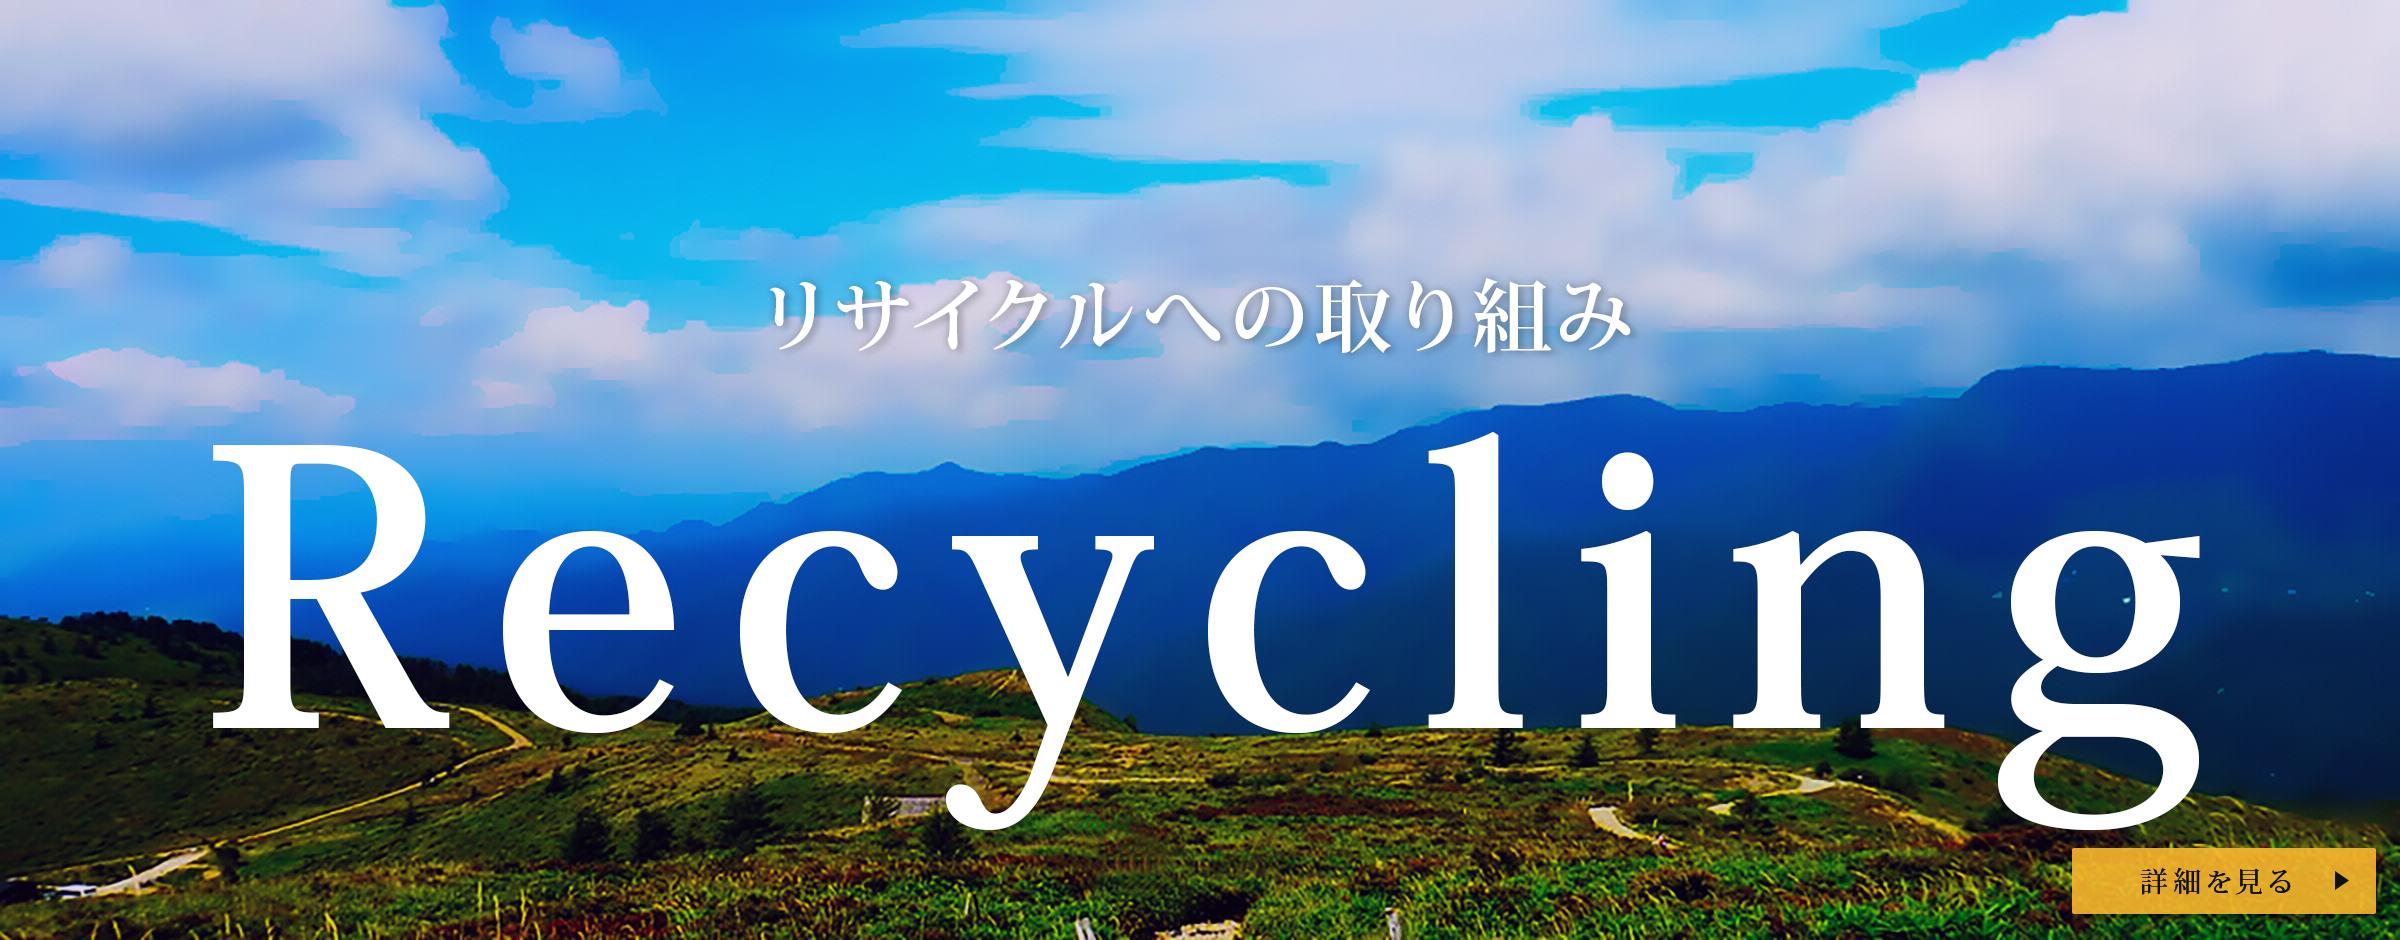 リサイクルへの取組